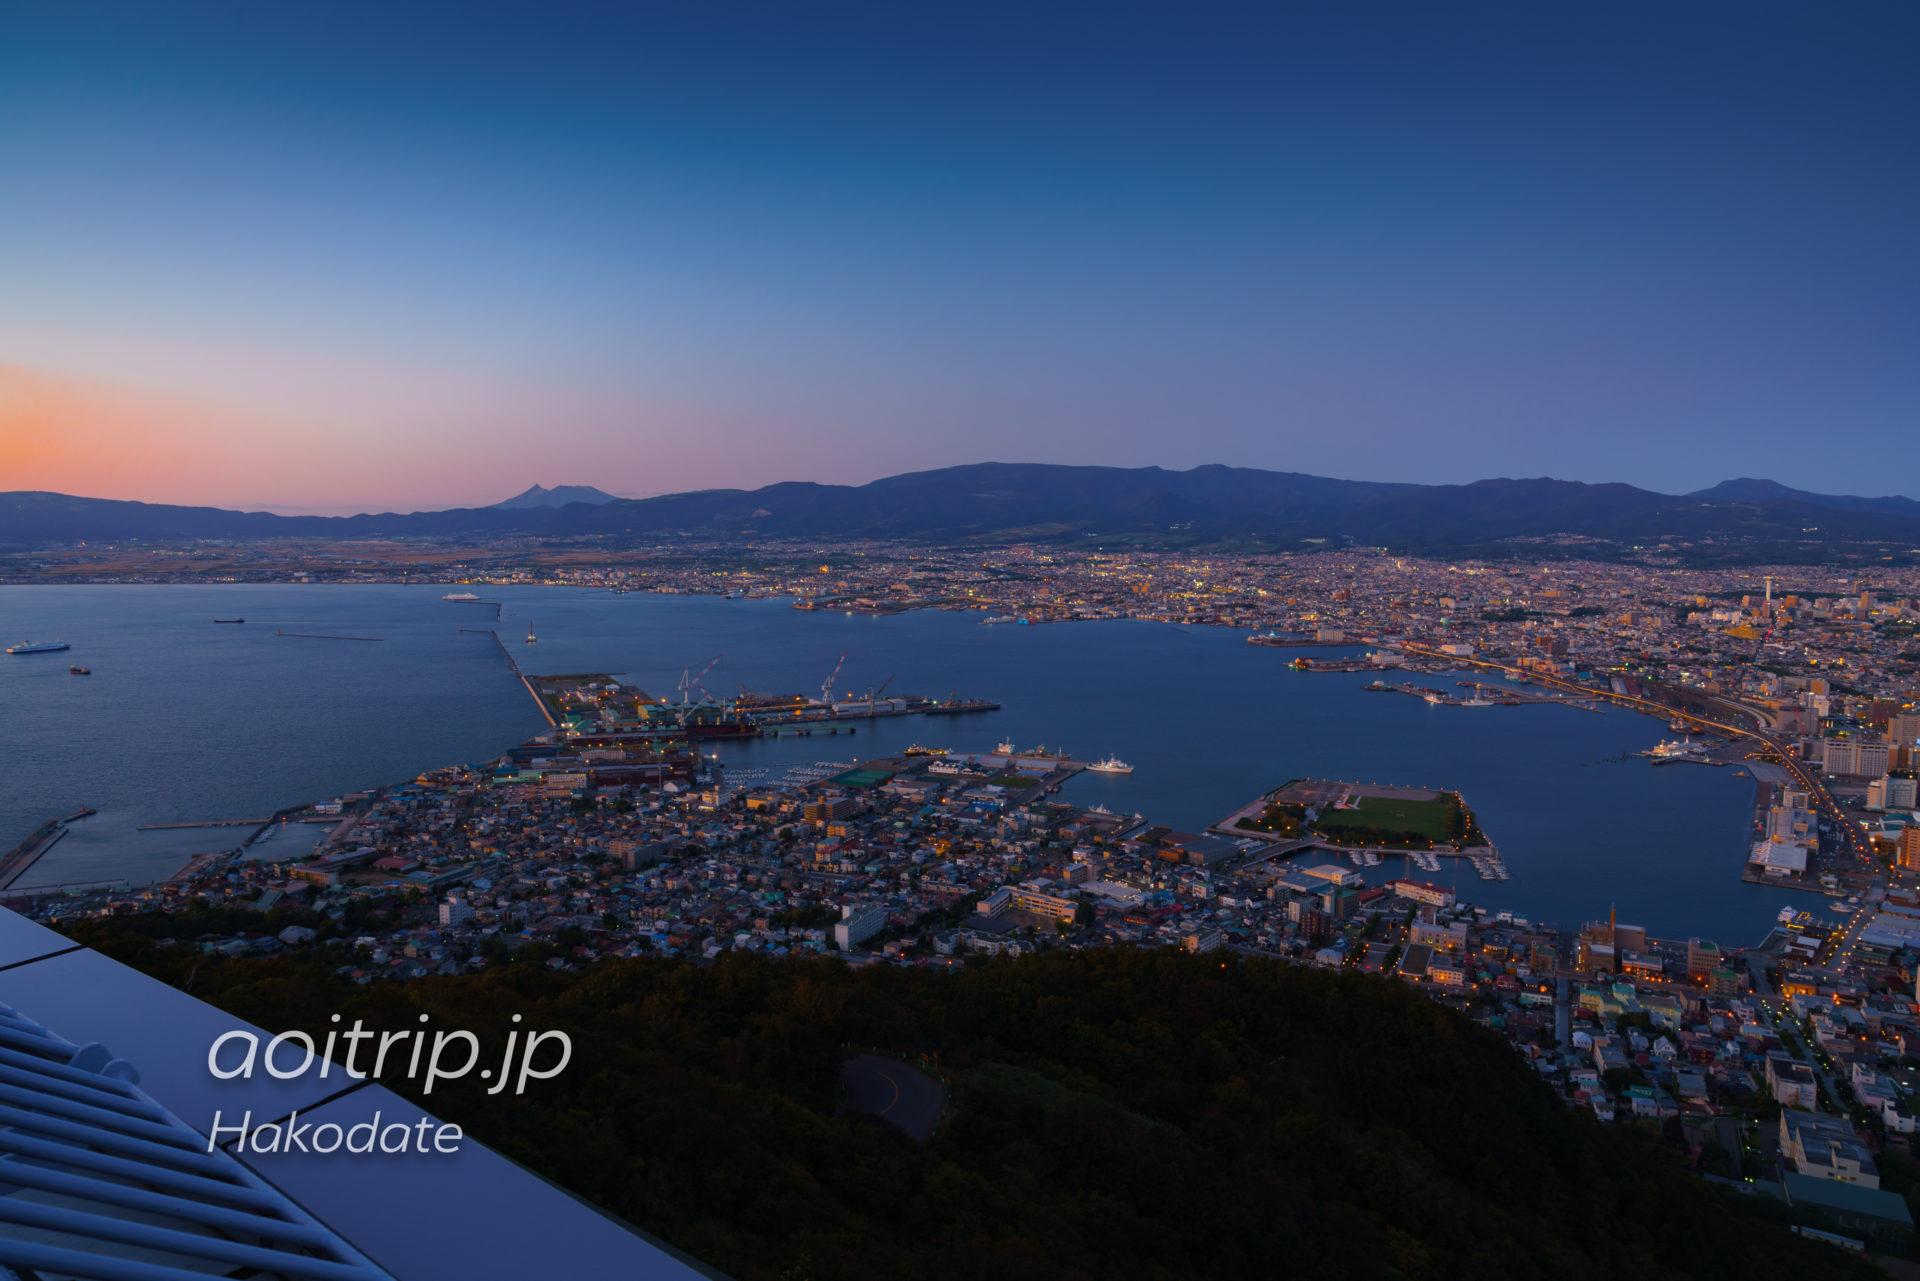 函館山展望台から撮影した函館夜景